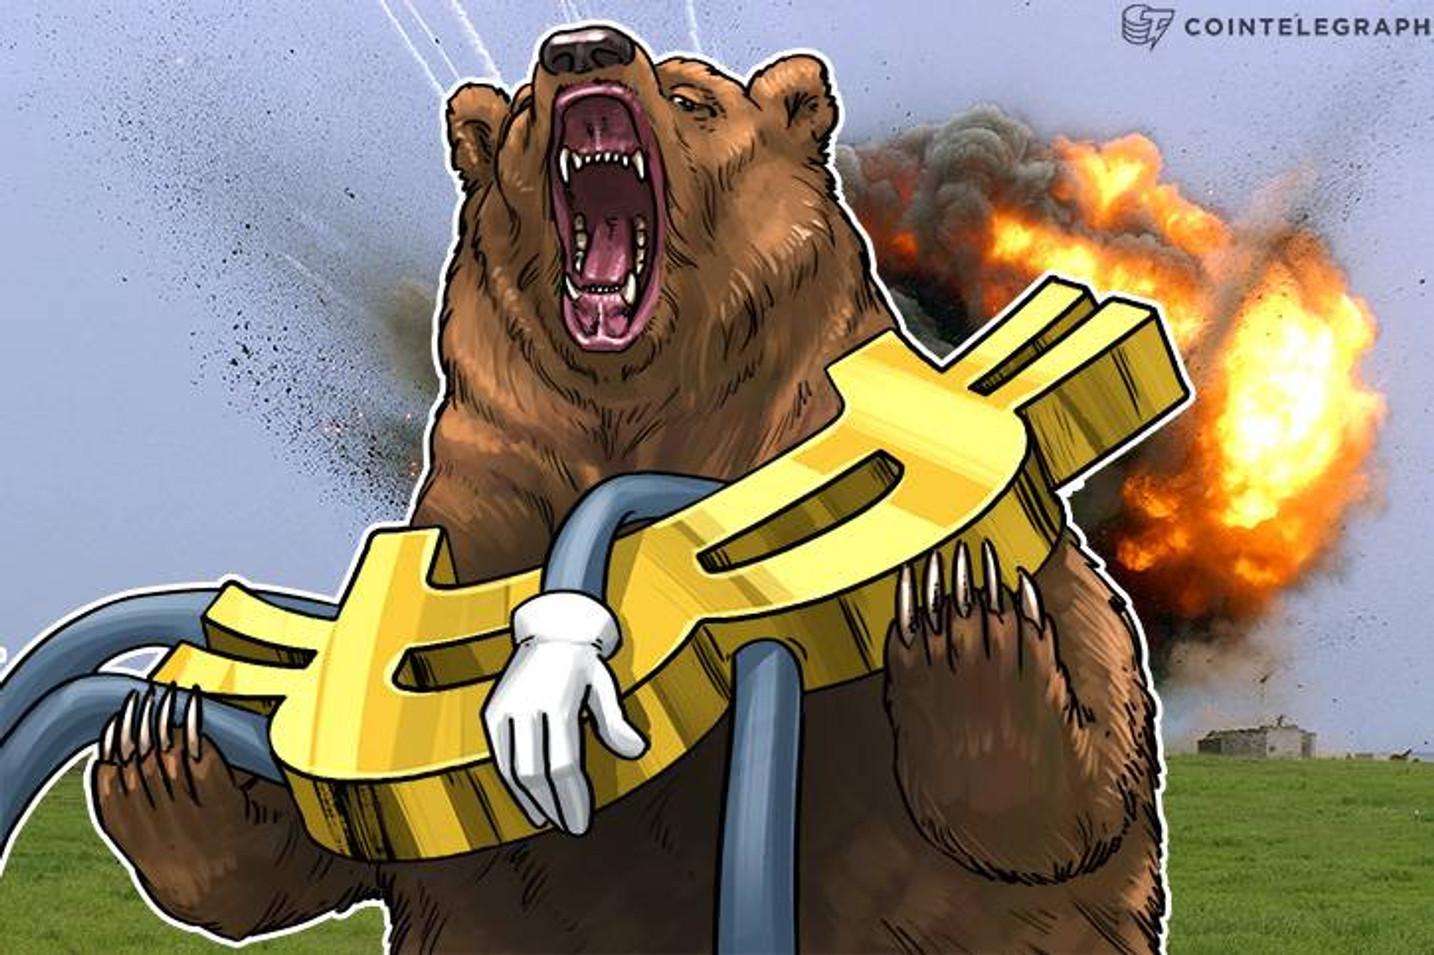 ビットコインは7700ドル回復が今後を占う鍵に 「6000ドル台まで下落」との意見も【仮想通貨相場】